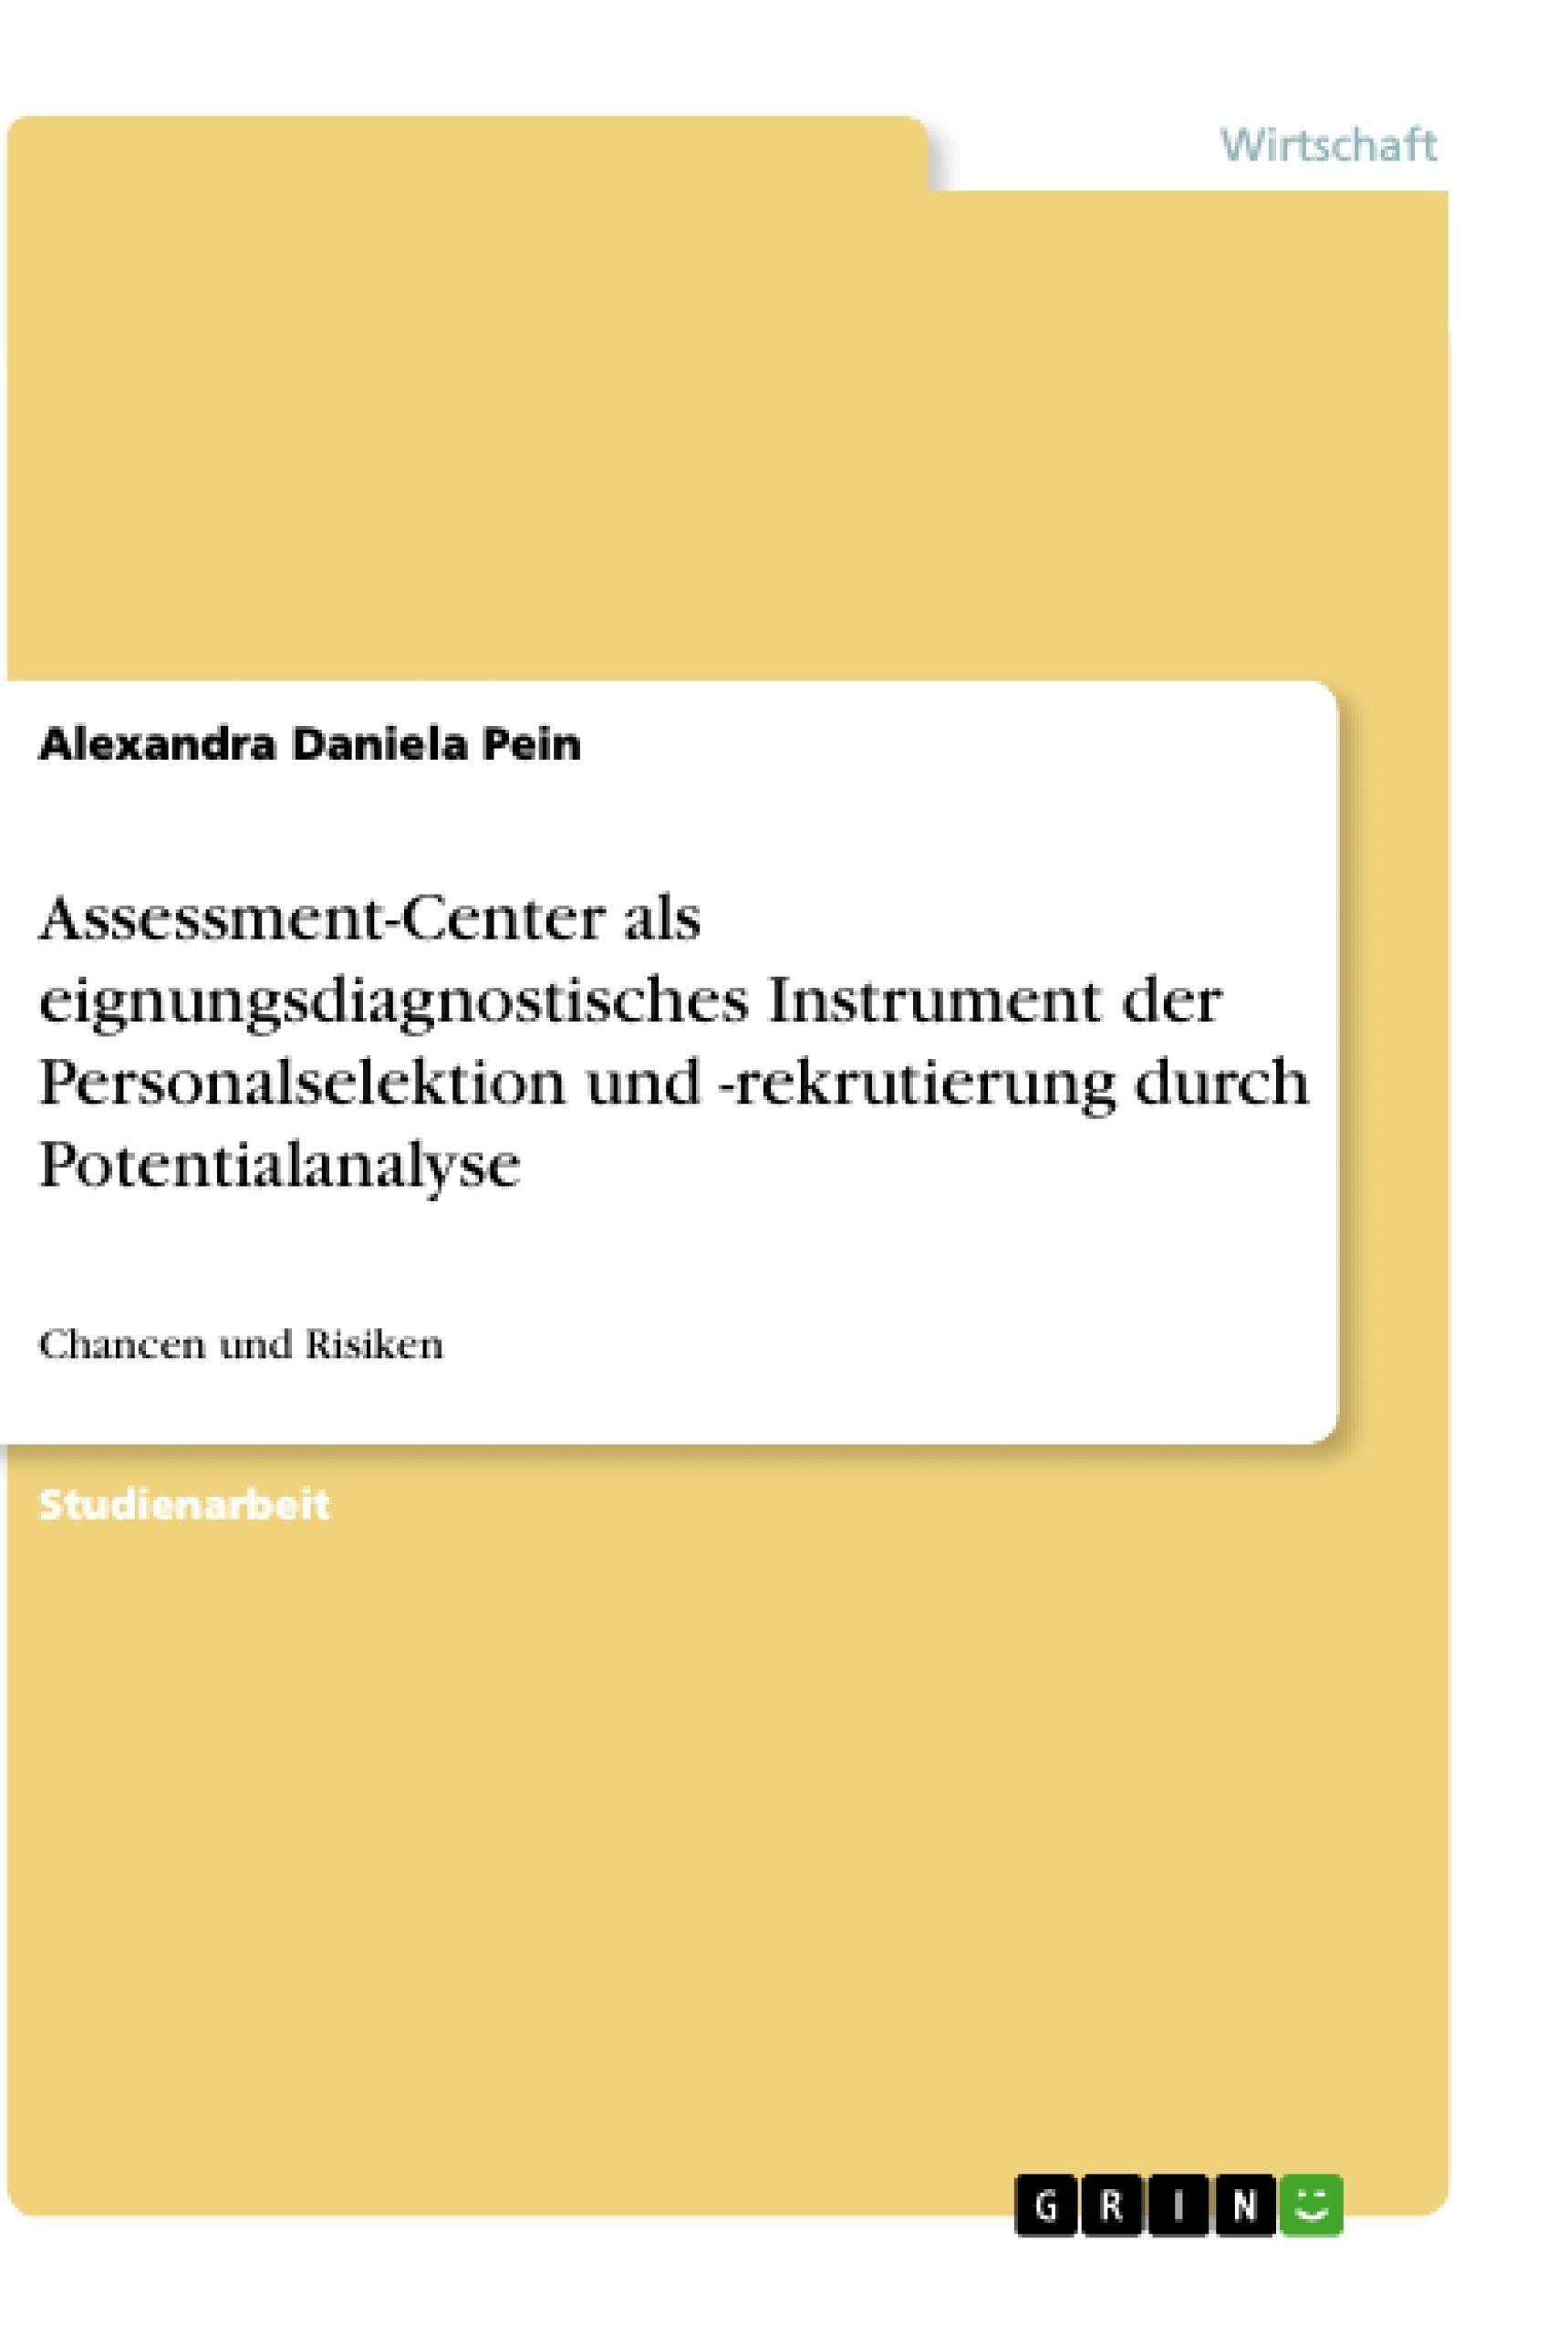 Titel: Assessment-Center als eignungsdiagnostisches Instrument der Personalselektion und -rekrutierung durch Potentialanalyse